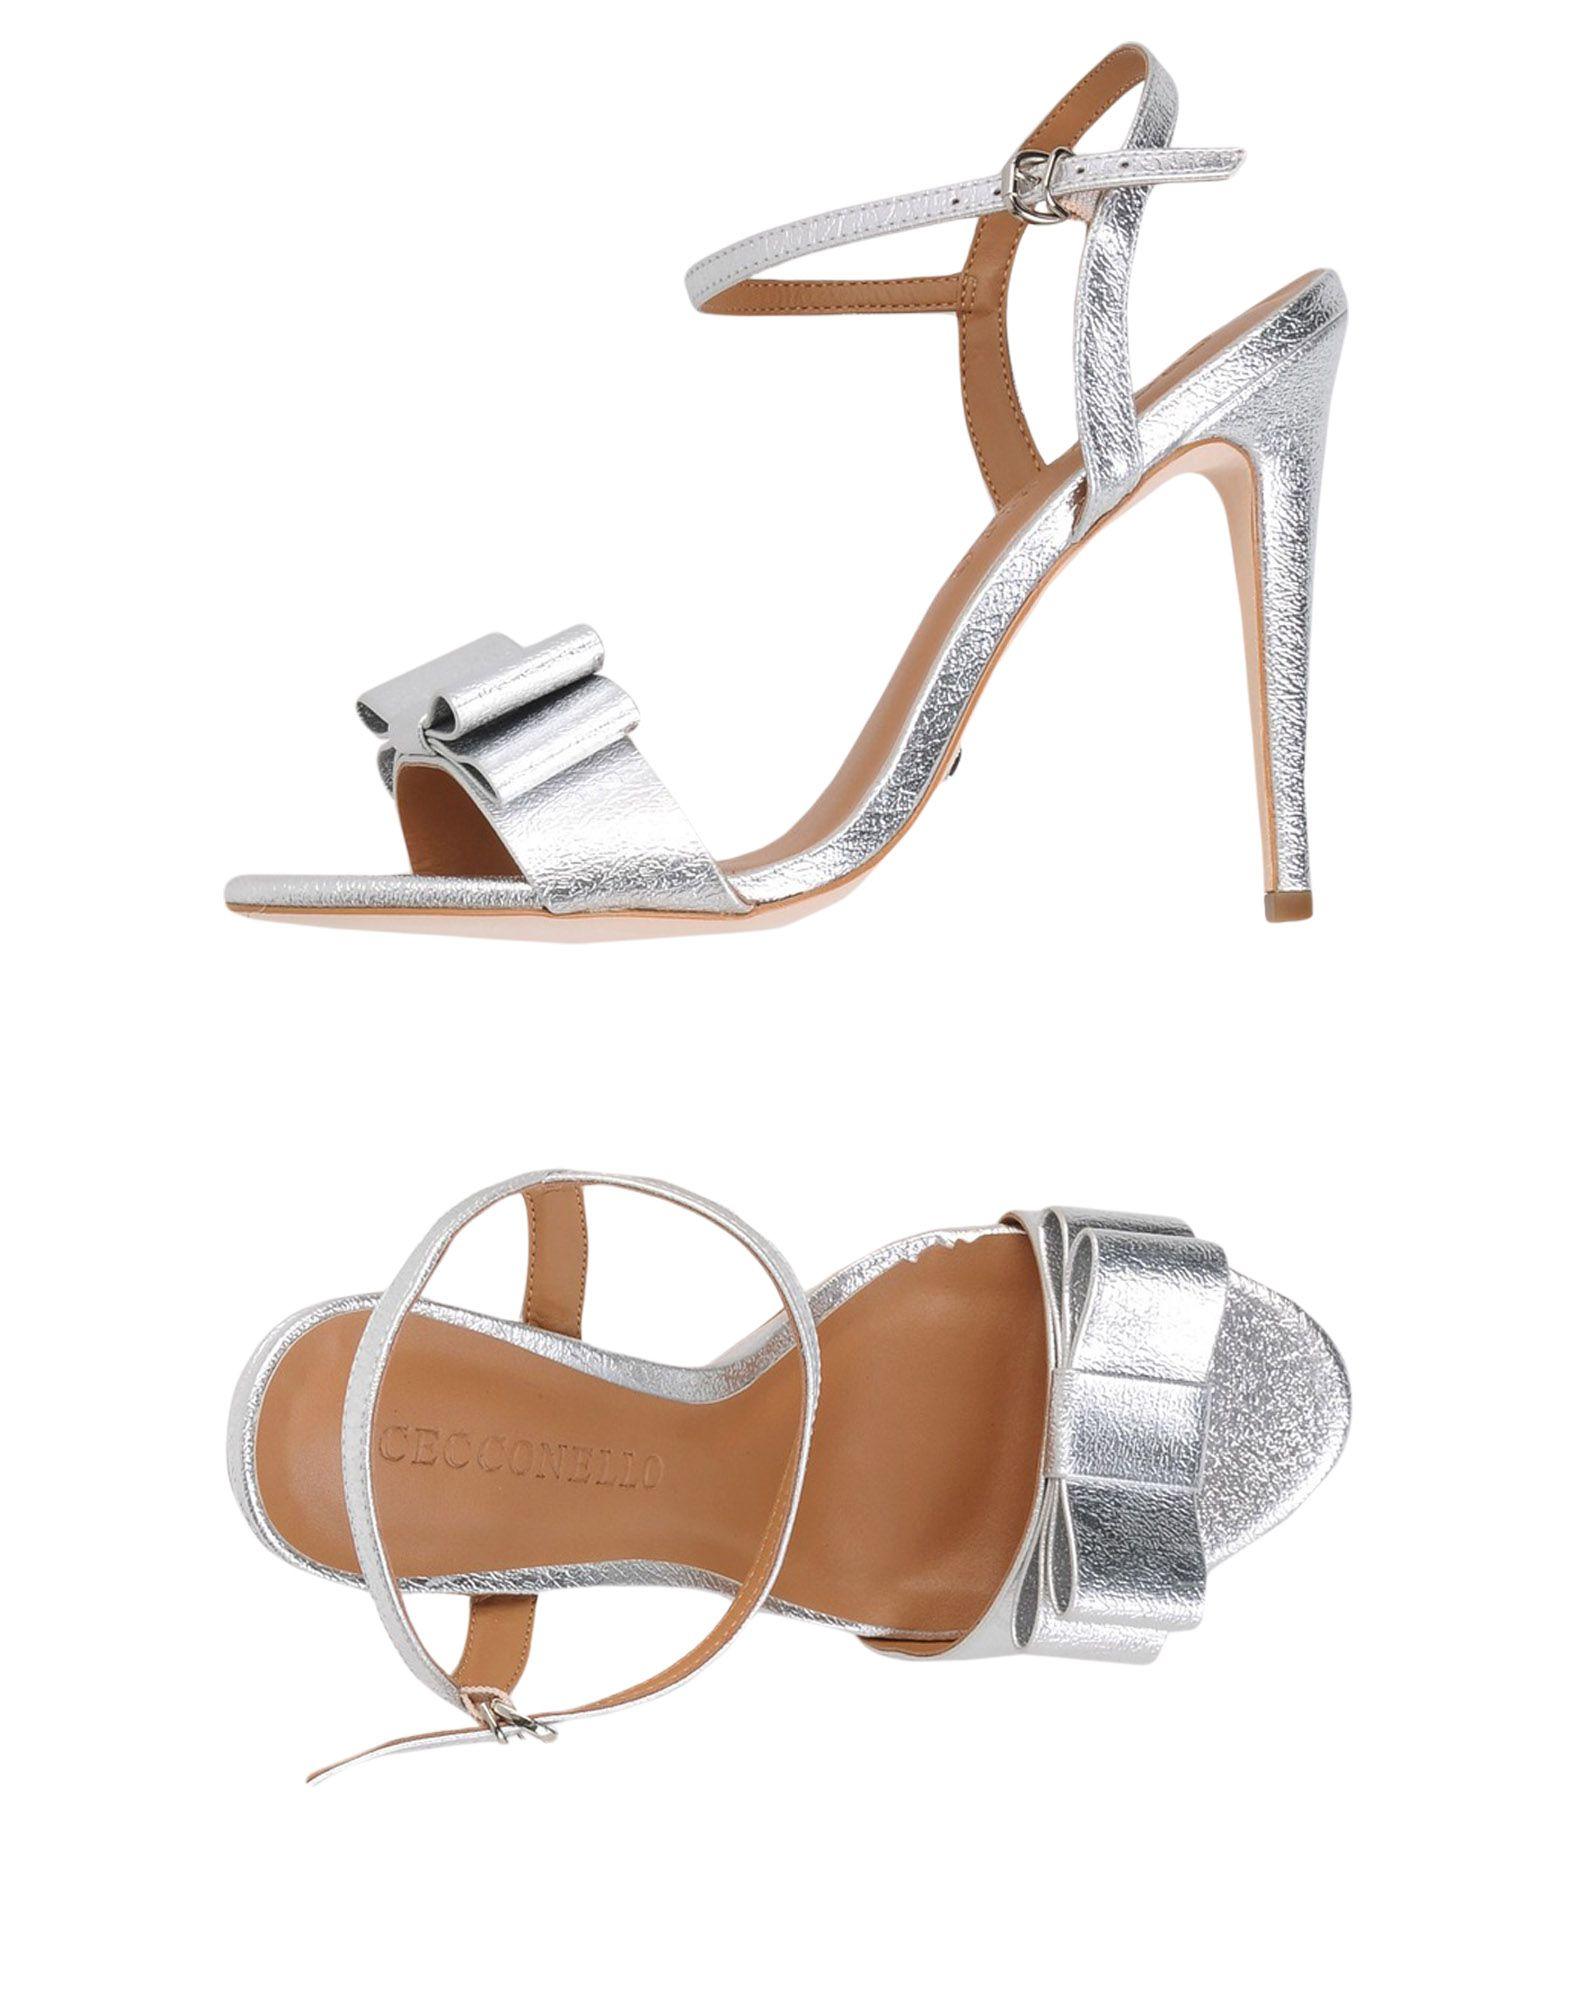 Cecconello Sandalen Damen  11466287DF Gute Qualität beliebte Schuhe